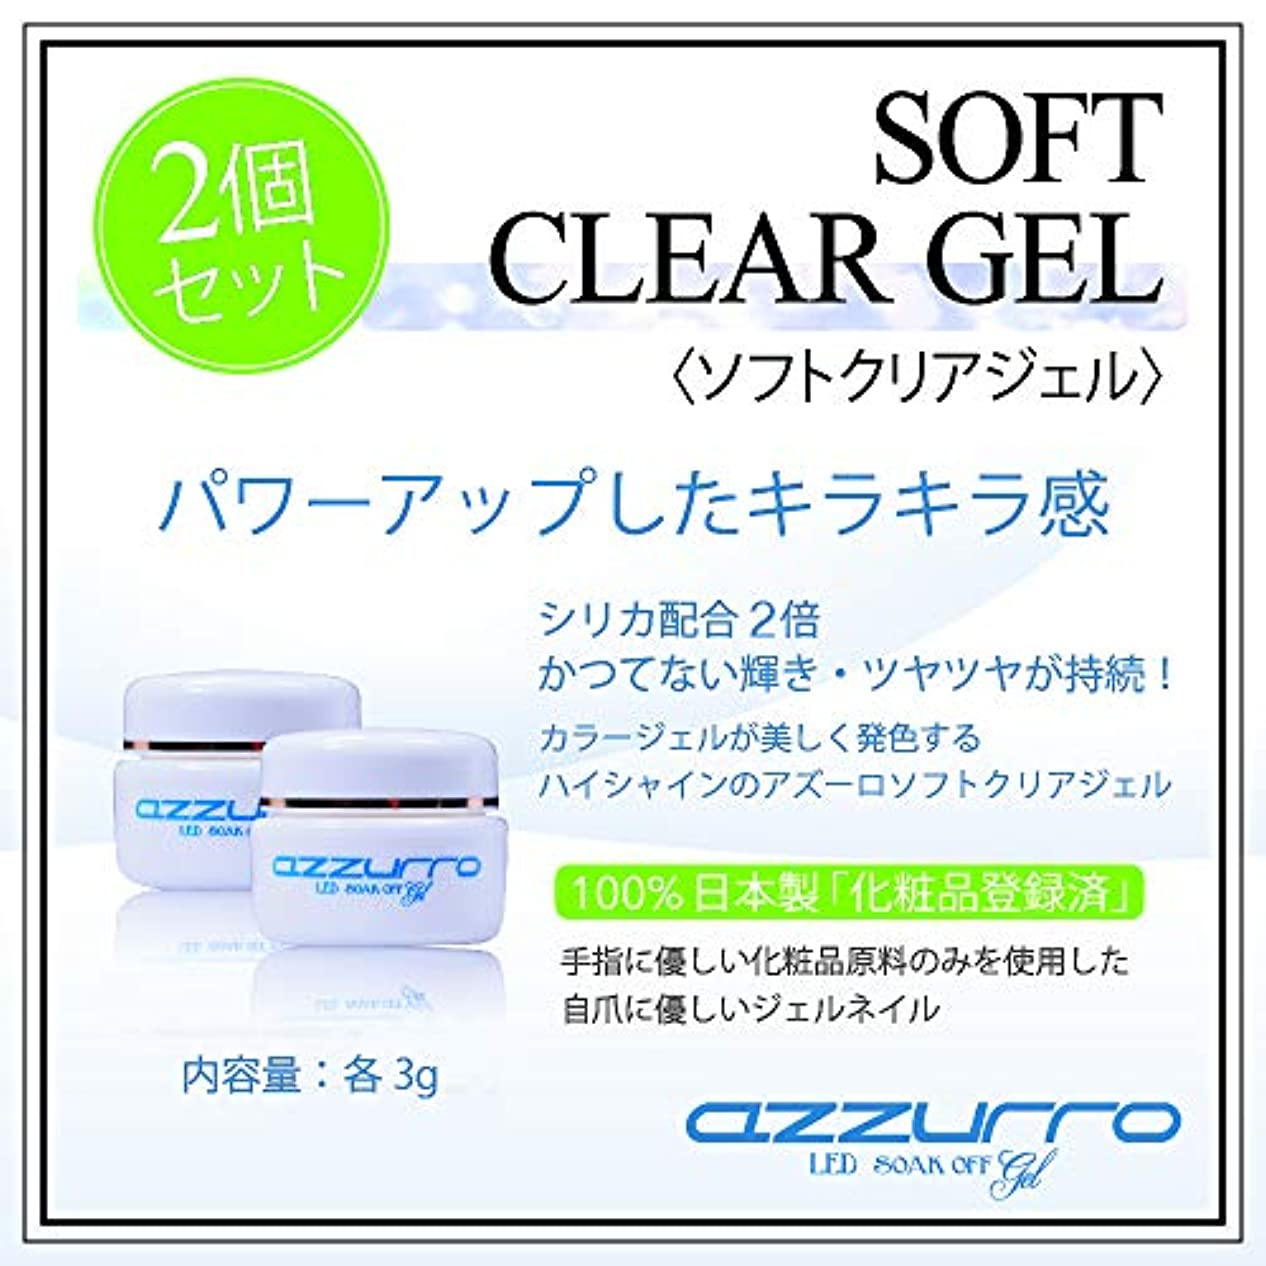 細分化するマーク開拓者azzurro gel アッズーロ ソフトクリアージェル お得な2個セット ツヤツヤ キラキラ感持続 抜群のツヤ 爪に優しい日本製 3g